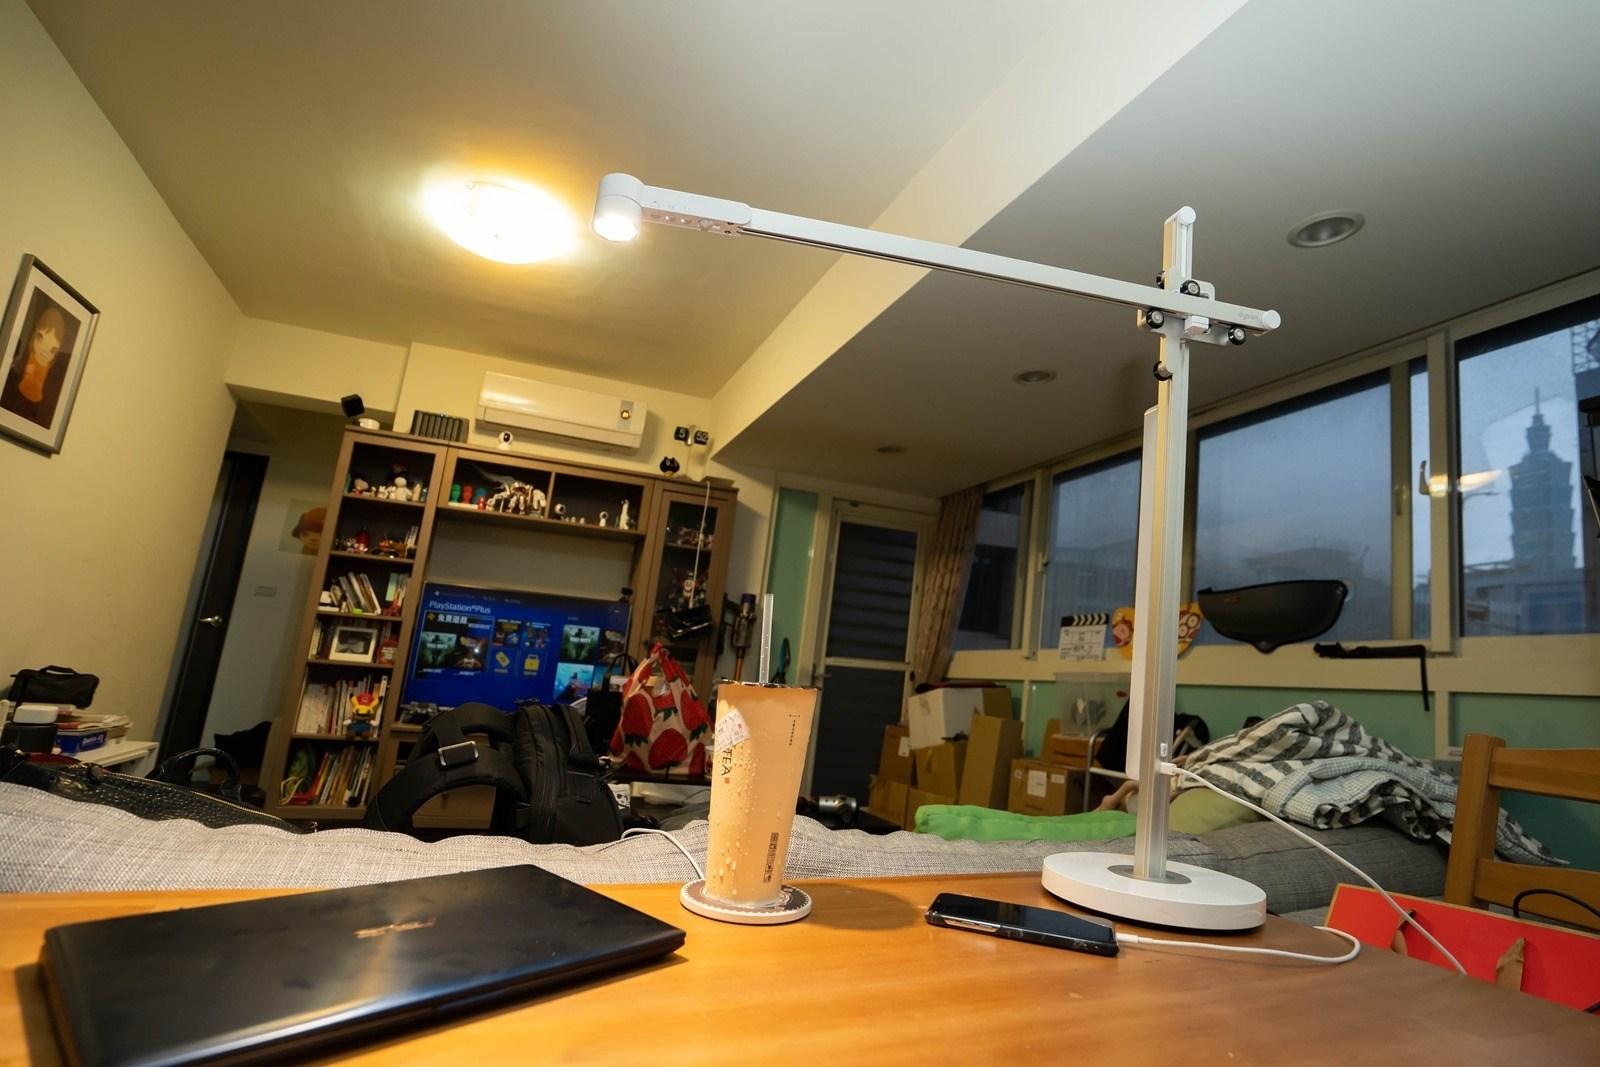 【開箱】Dyson Lightcycle檯燈 – 外型優異、自動調整色溫與亮度